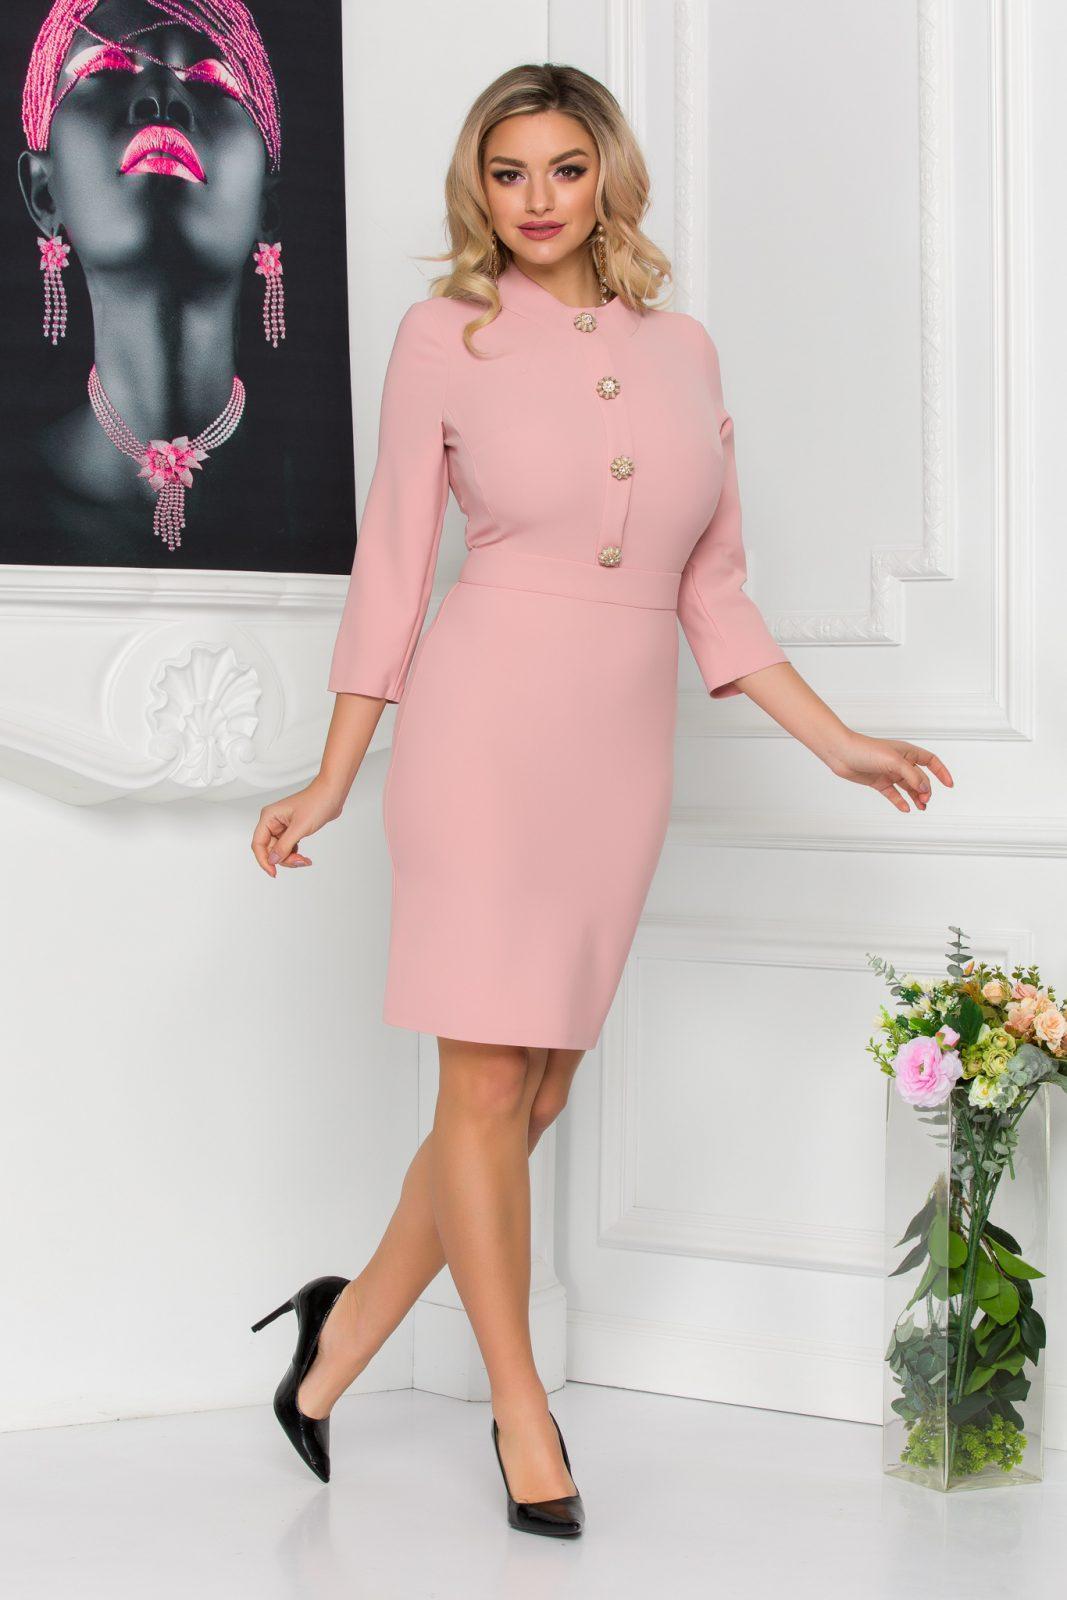 Ροζ Φόρεμα Με Κουμπιά Christie 8793 2